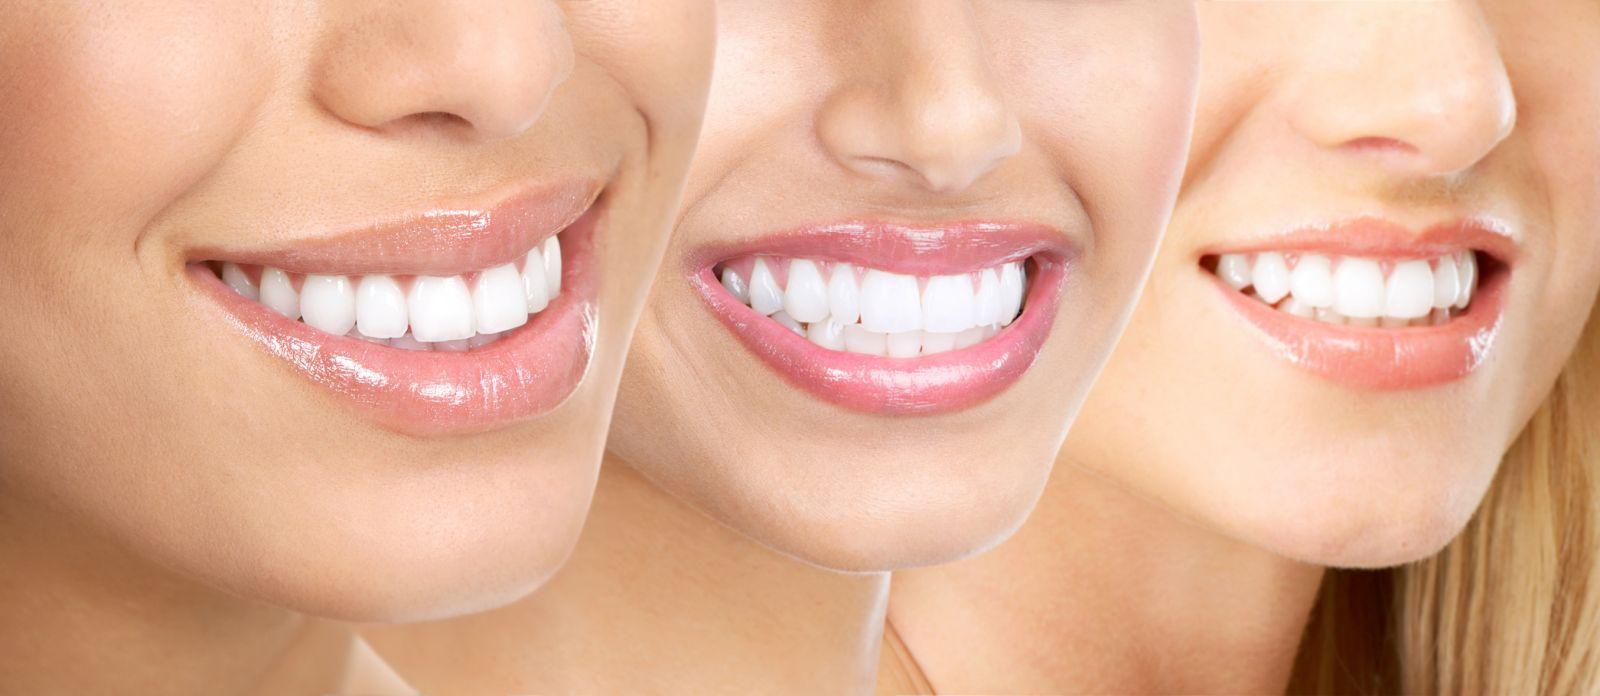 Пример реставрации передних зубов